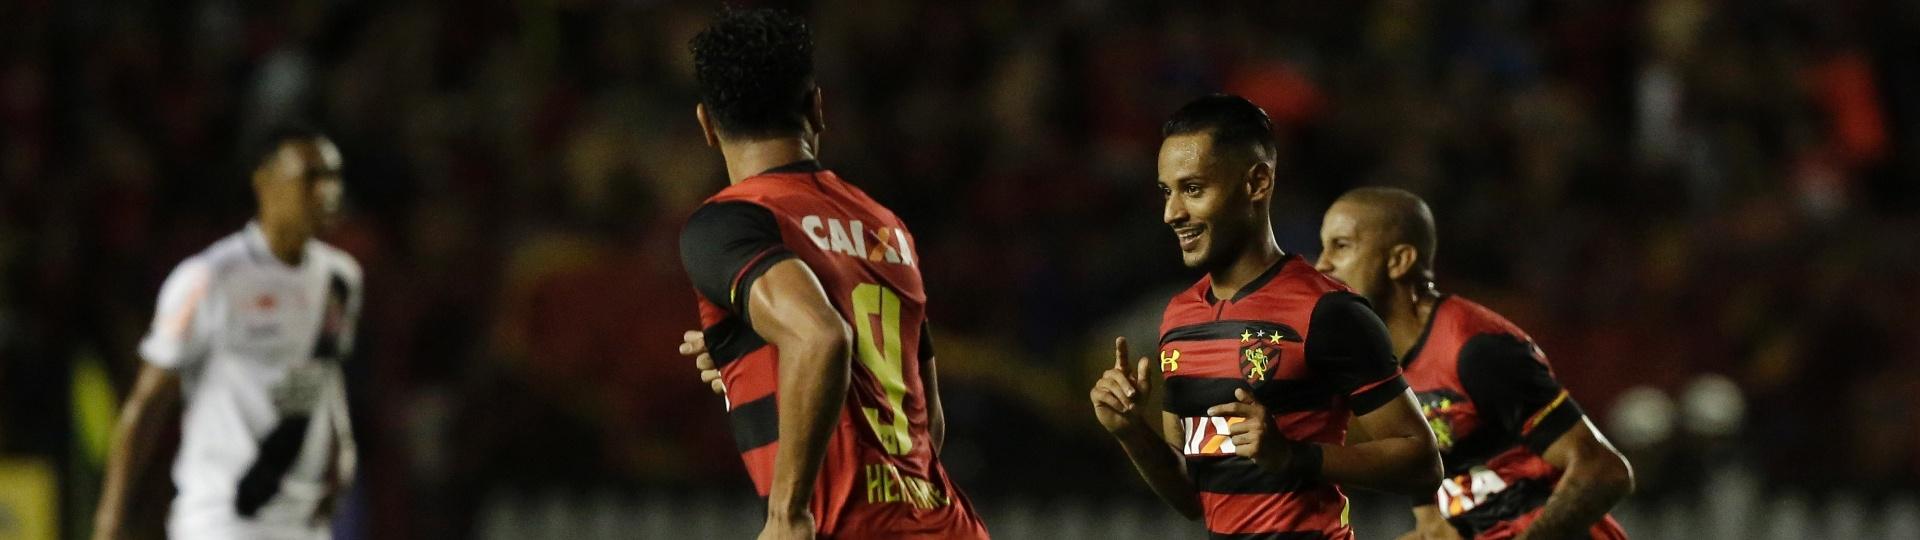 Mateus Gonçalves comemora gol do Sport contra o Vasco